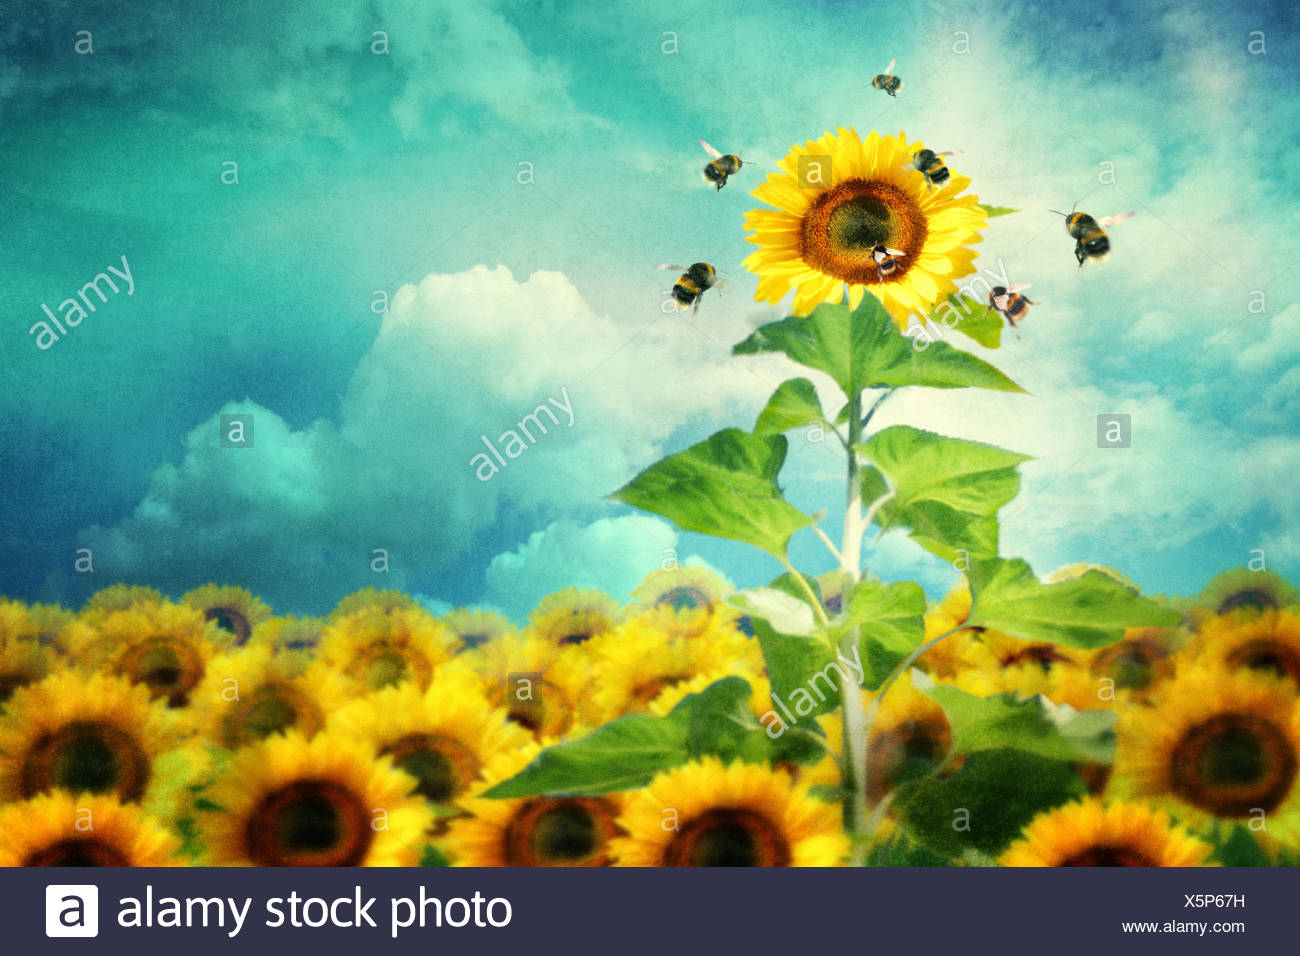 Konzept-Bild einer hohen Sonnenblume hervorstechen und zieht mehr Bienen Stockbild